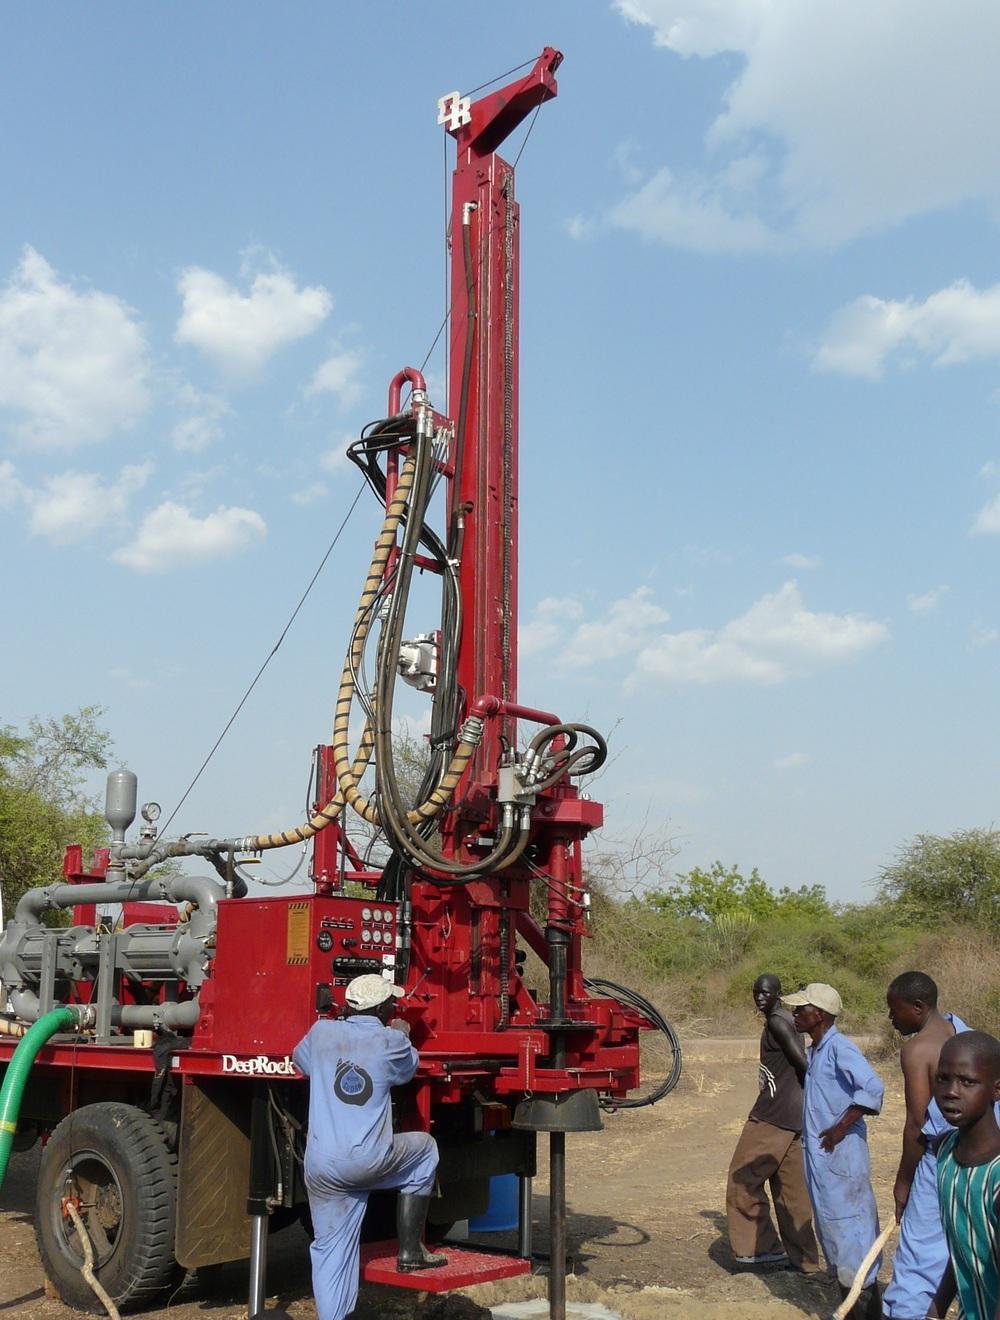 Iron Giraffe drilling rig